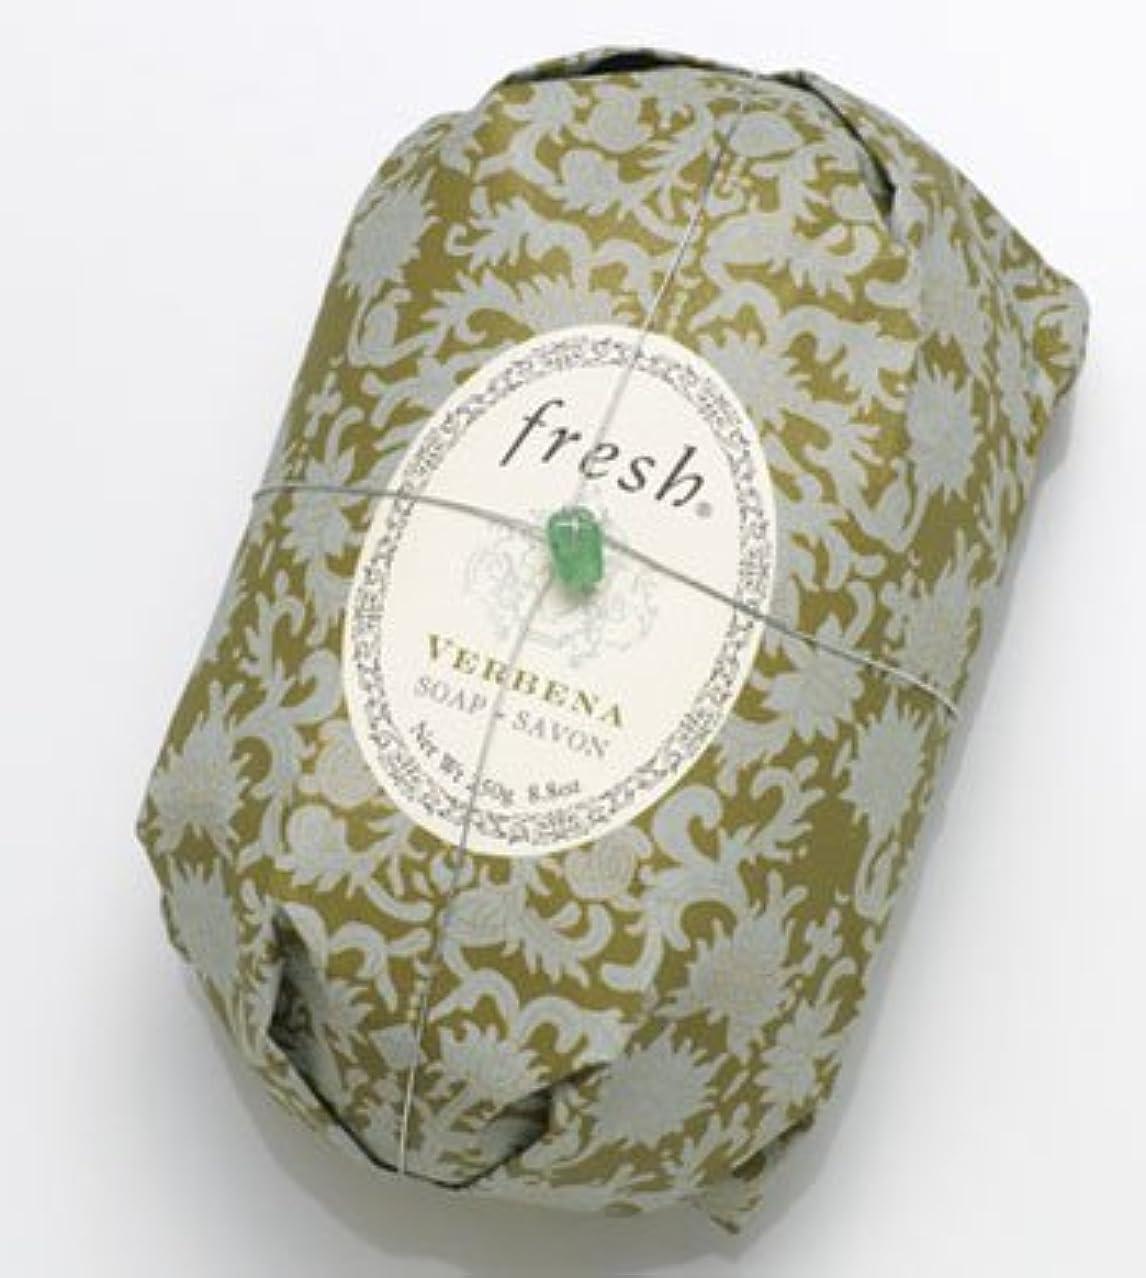 メーカー空虚豚Fresh VERBENA SOAP (フレッシュ バーベナ ソープ) 8.8 oz (250g) Soap (石鹸) by Fresh